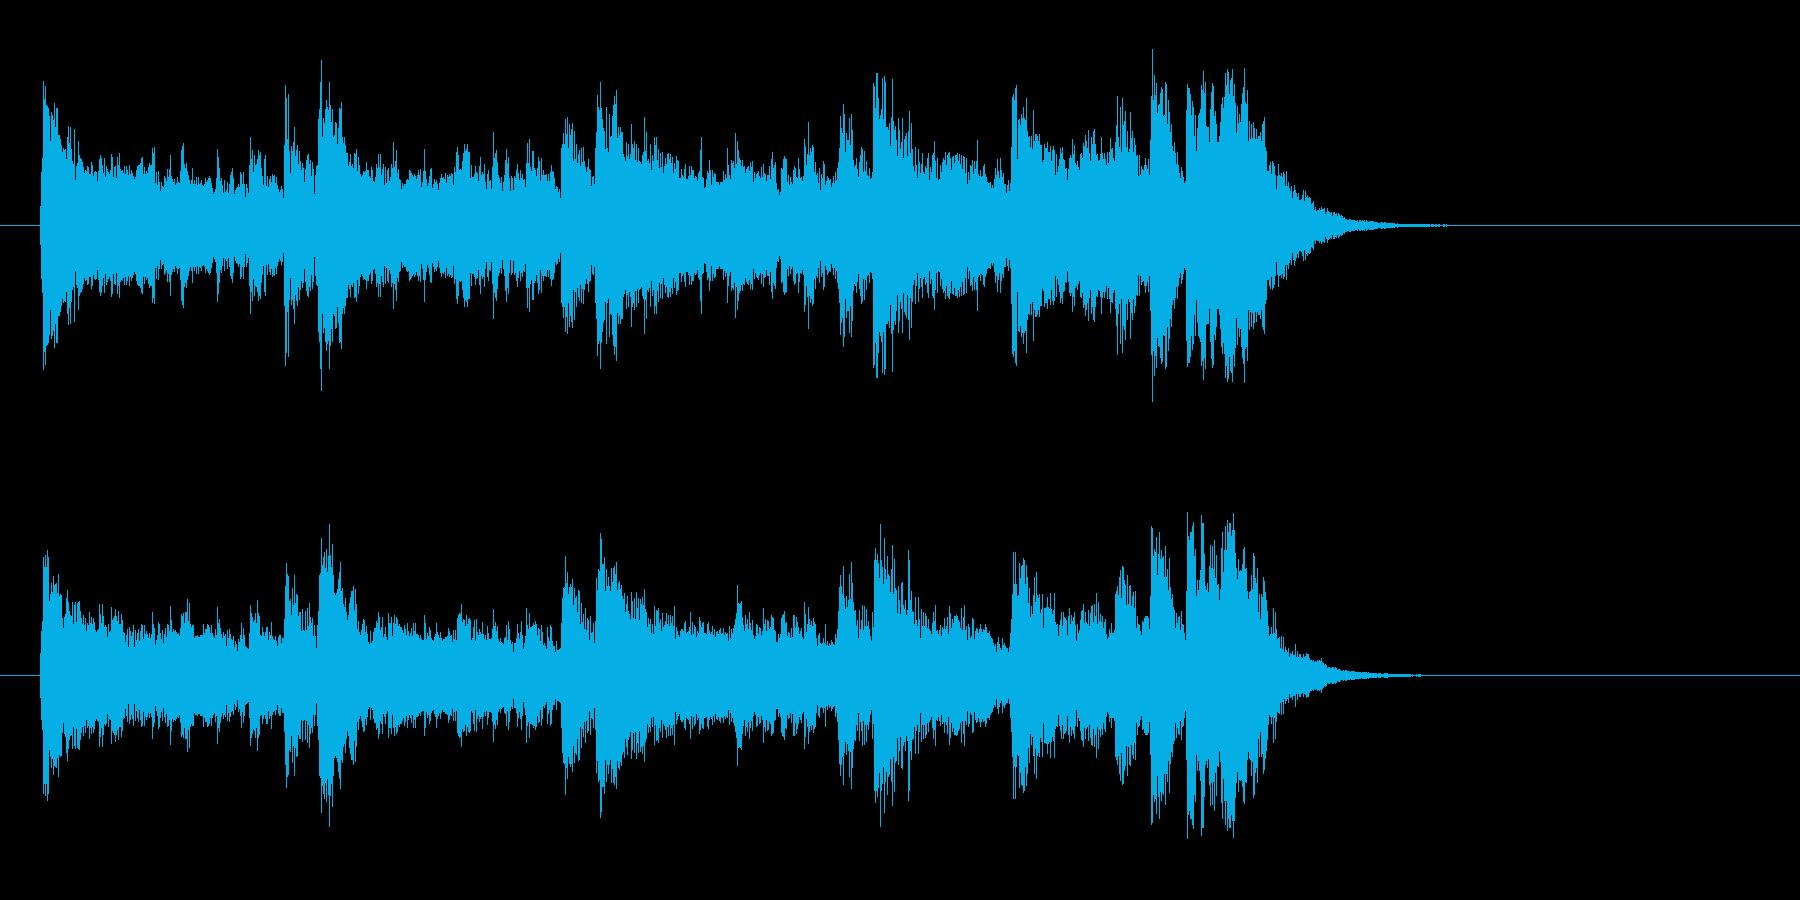 ピアノのライト・ポップス(イントロ)の再生済みの波形